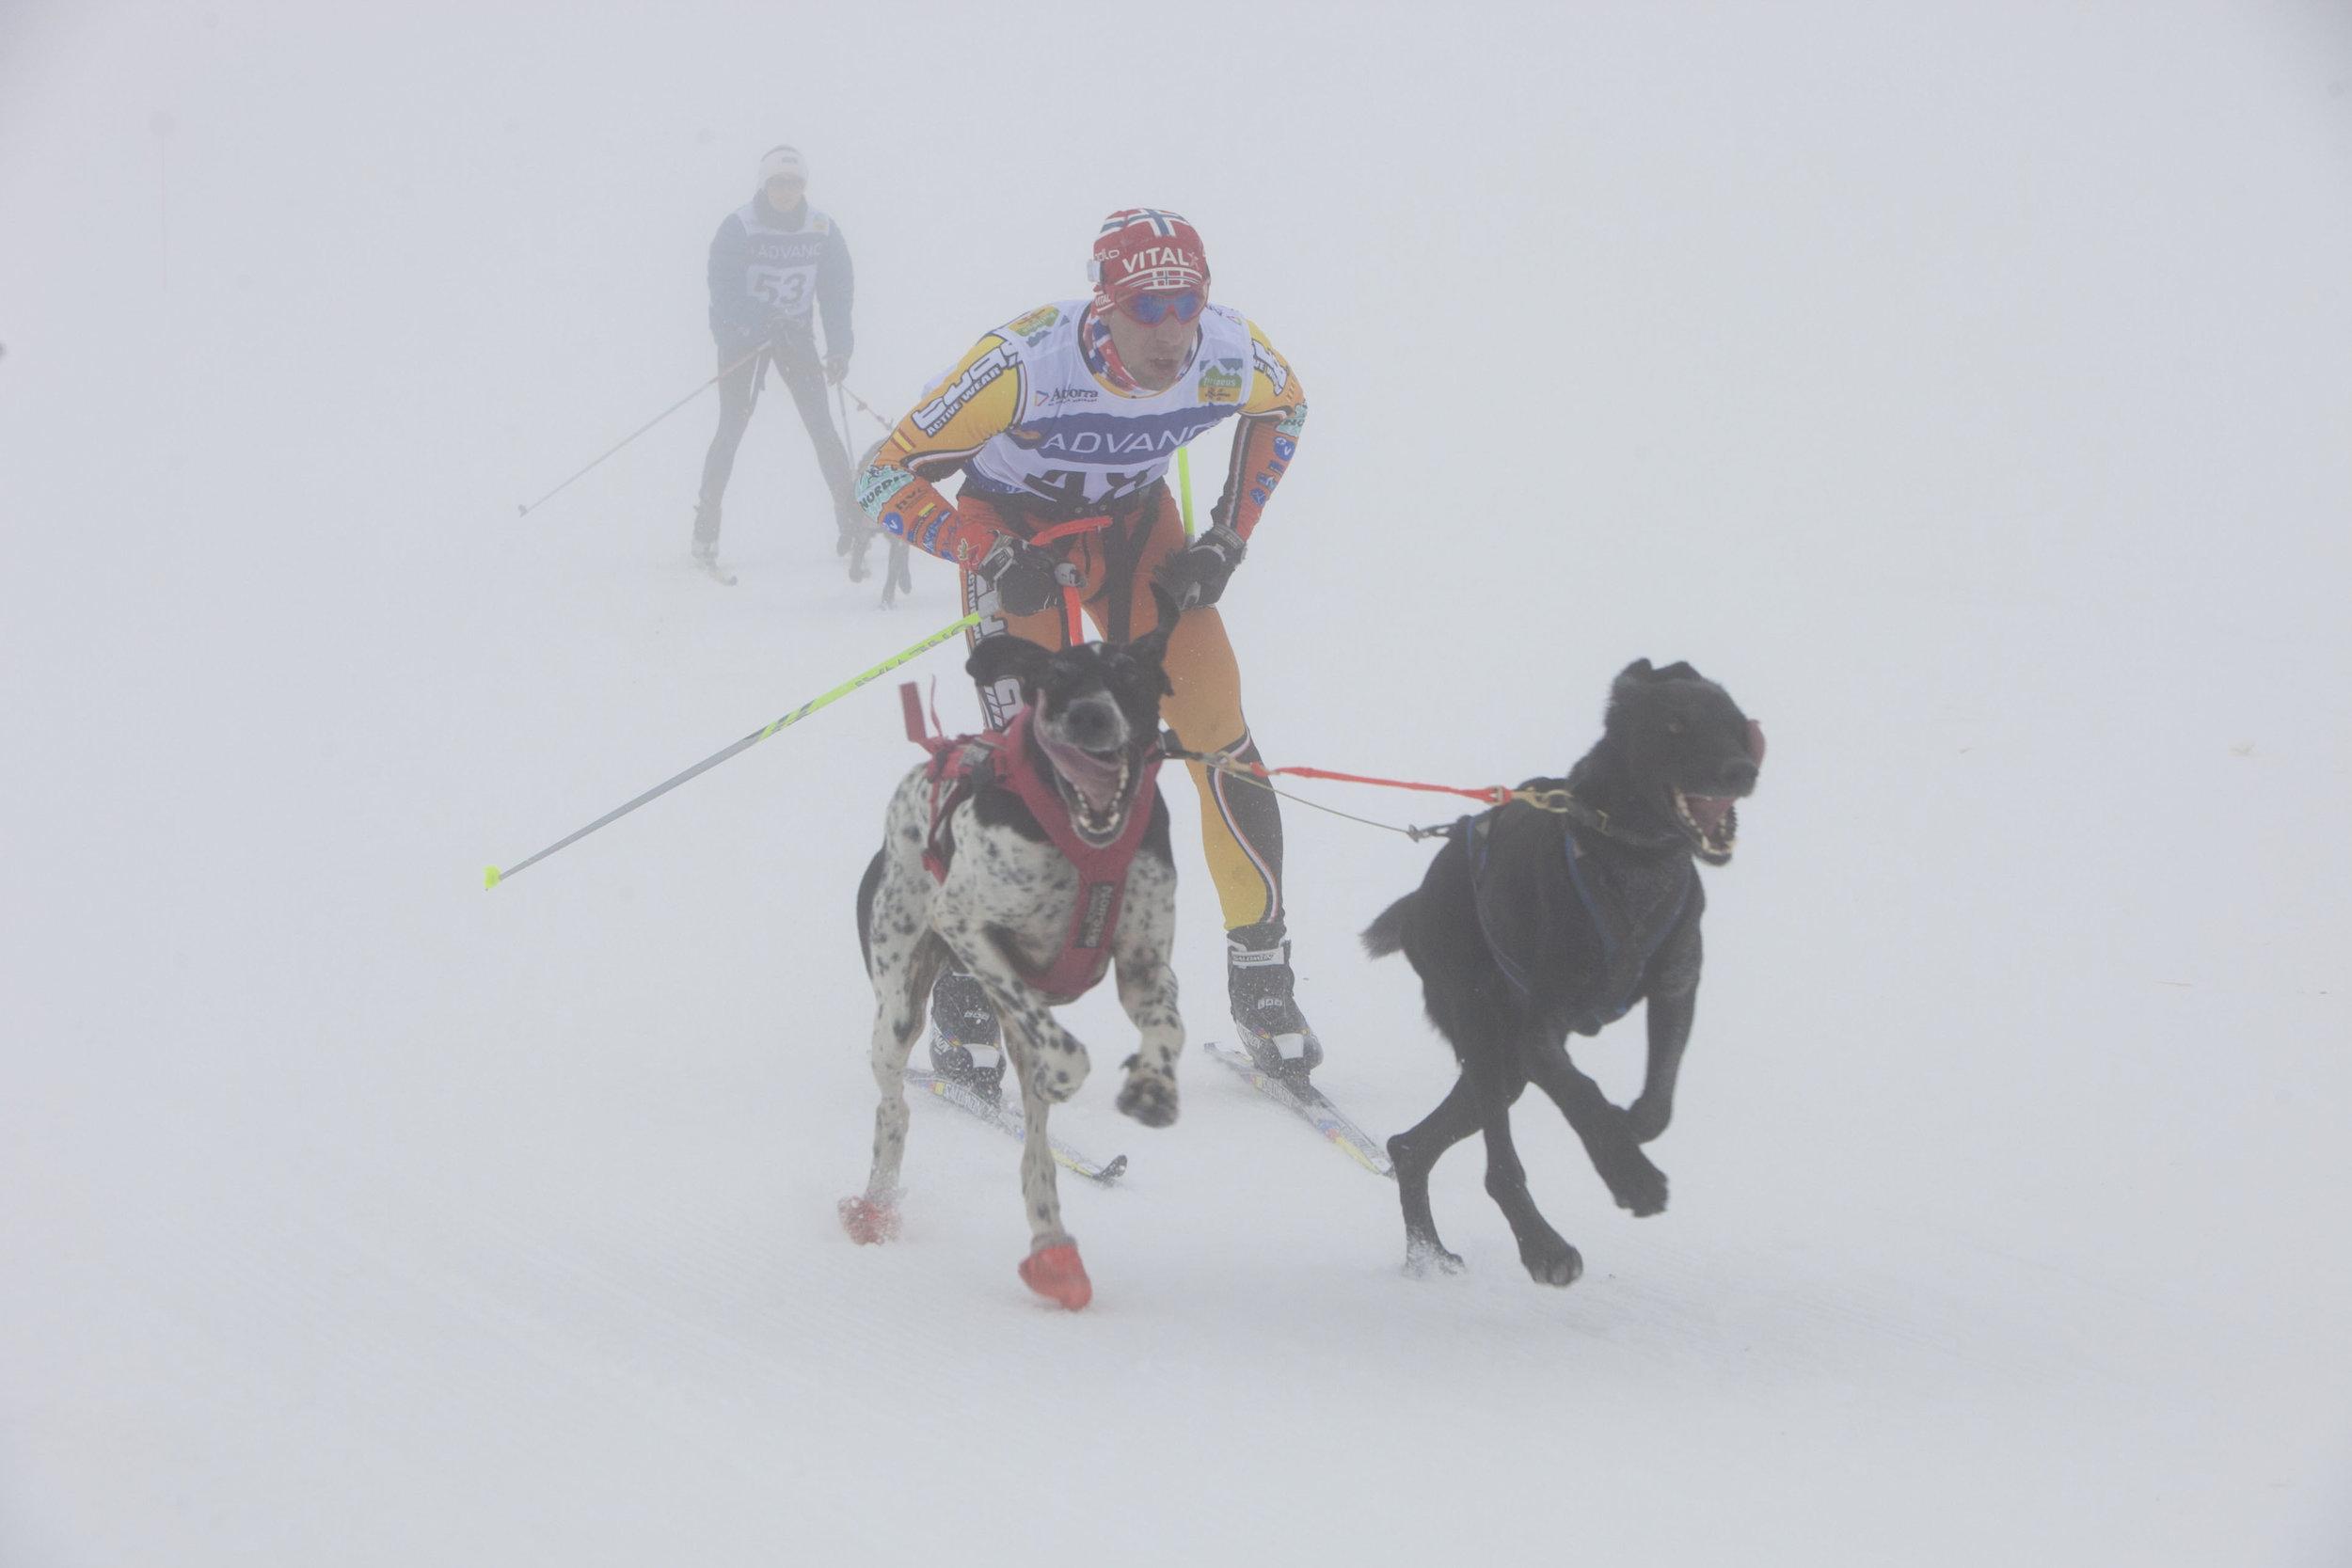 skijoring3-victor-carrasco.jpg